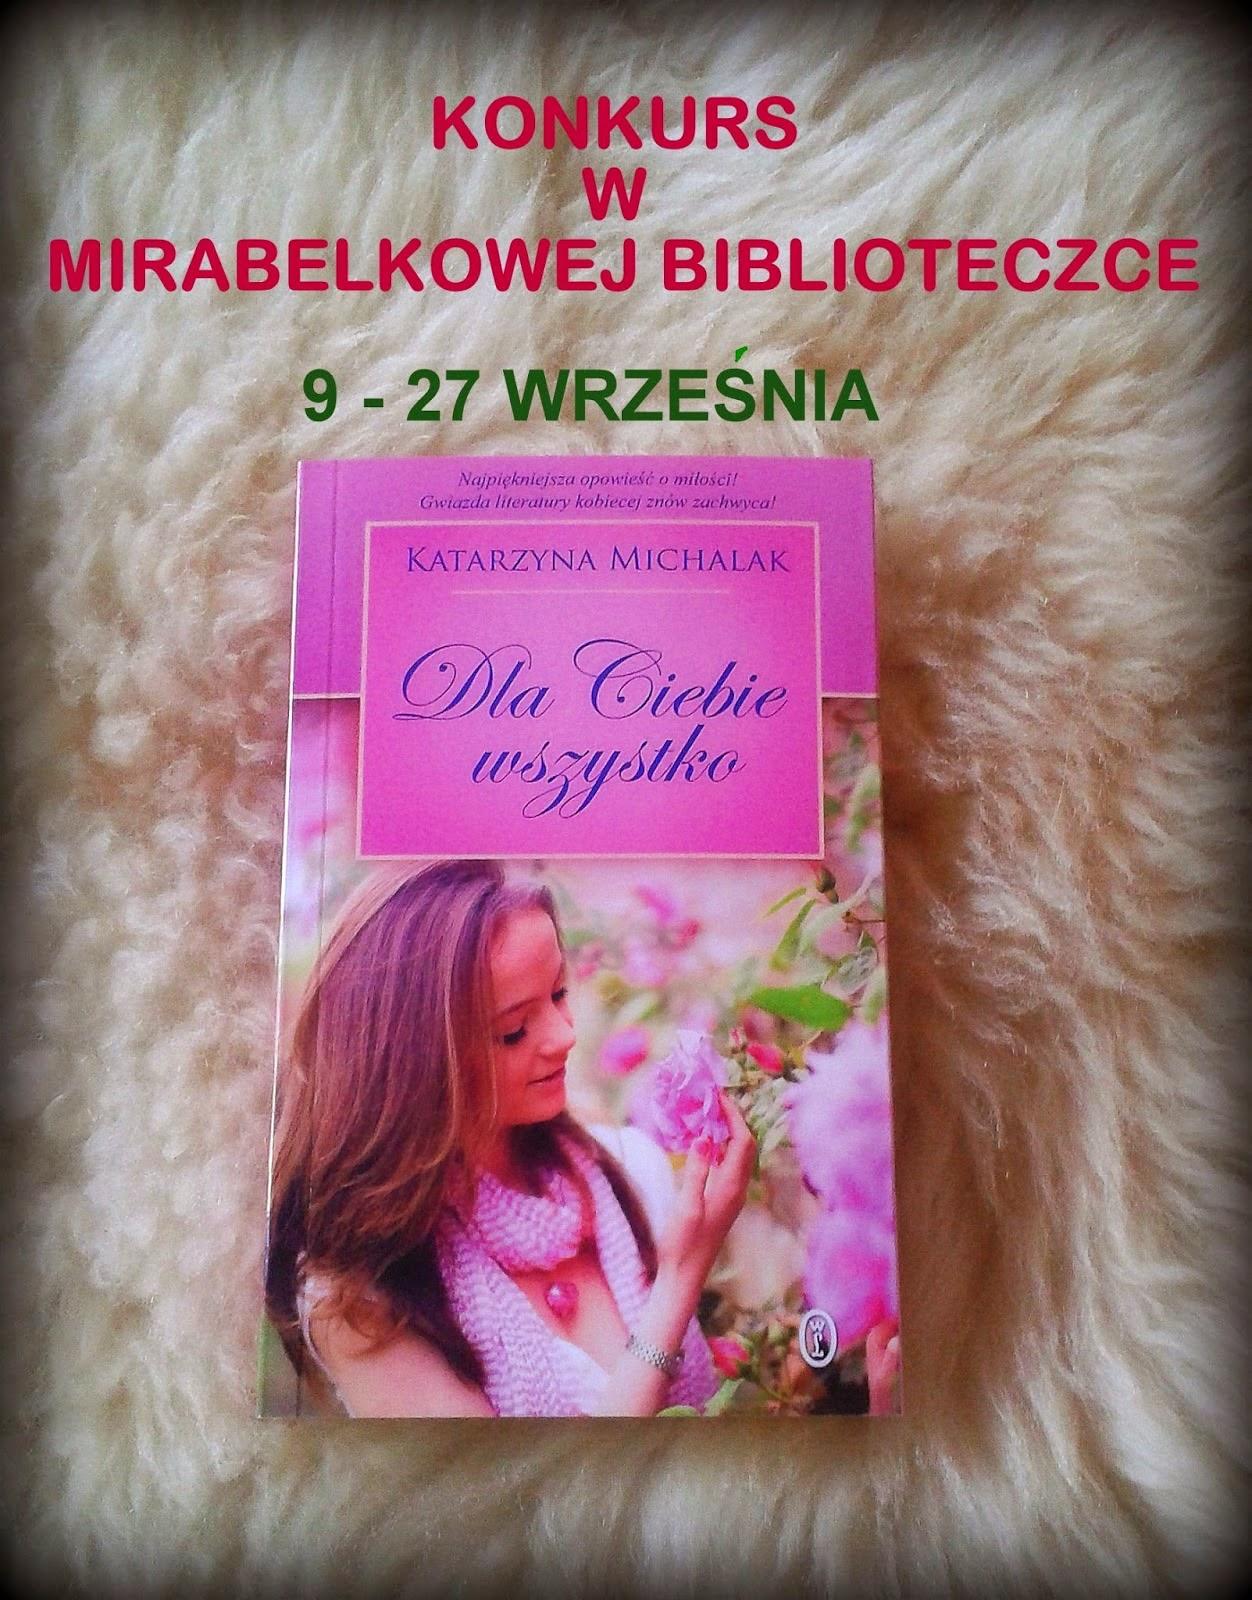 Konkurs w Mirabelkowej Biblioteczce